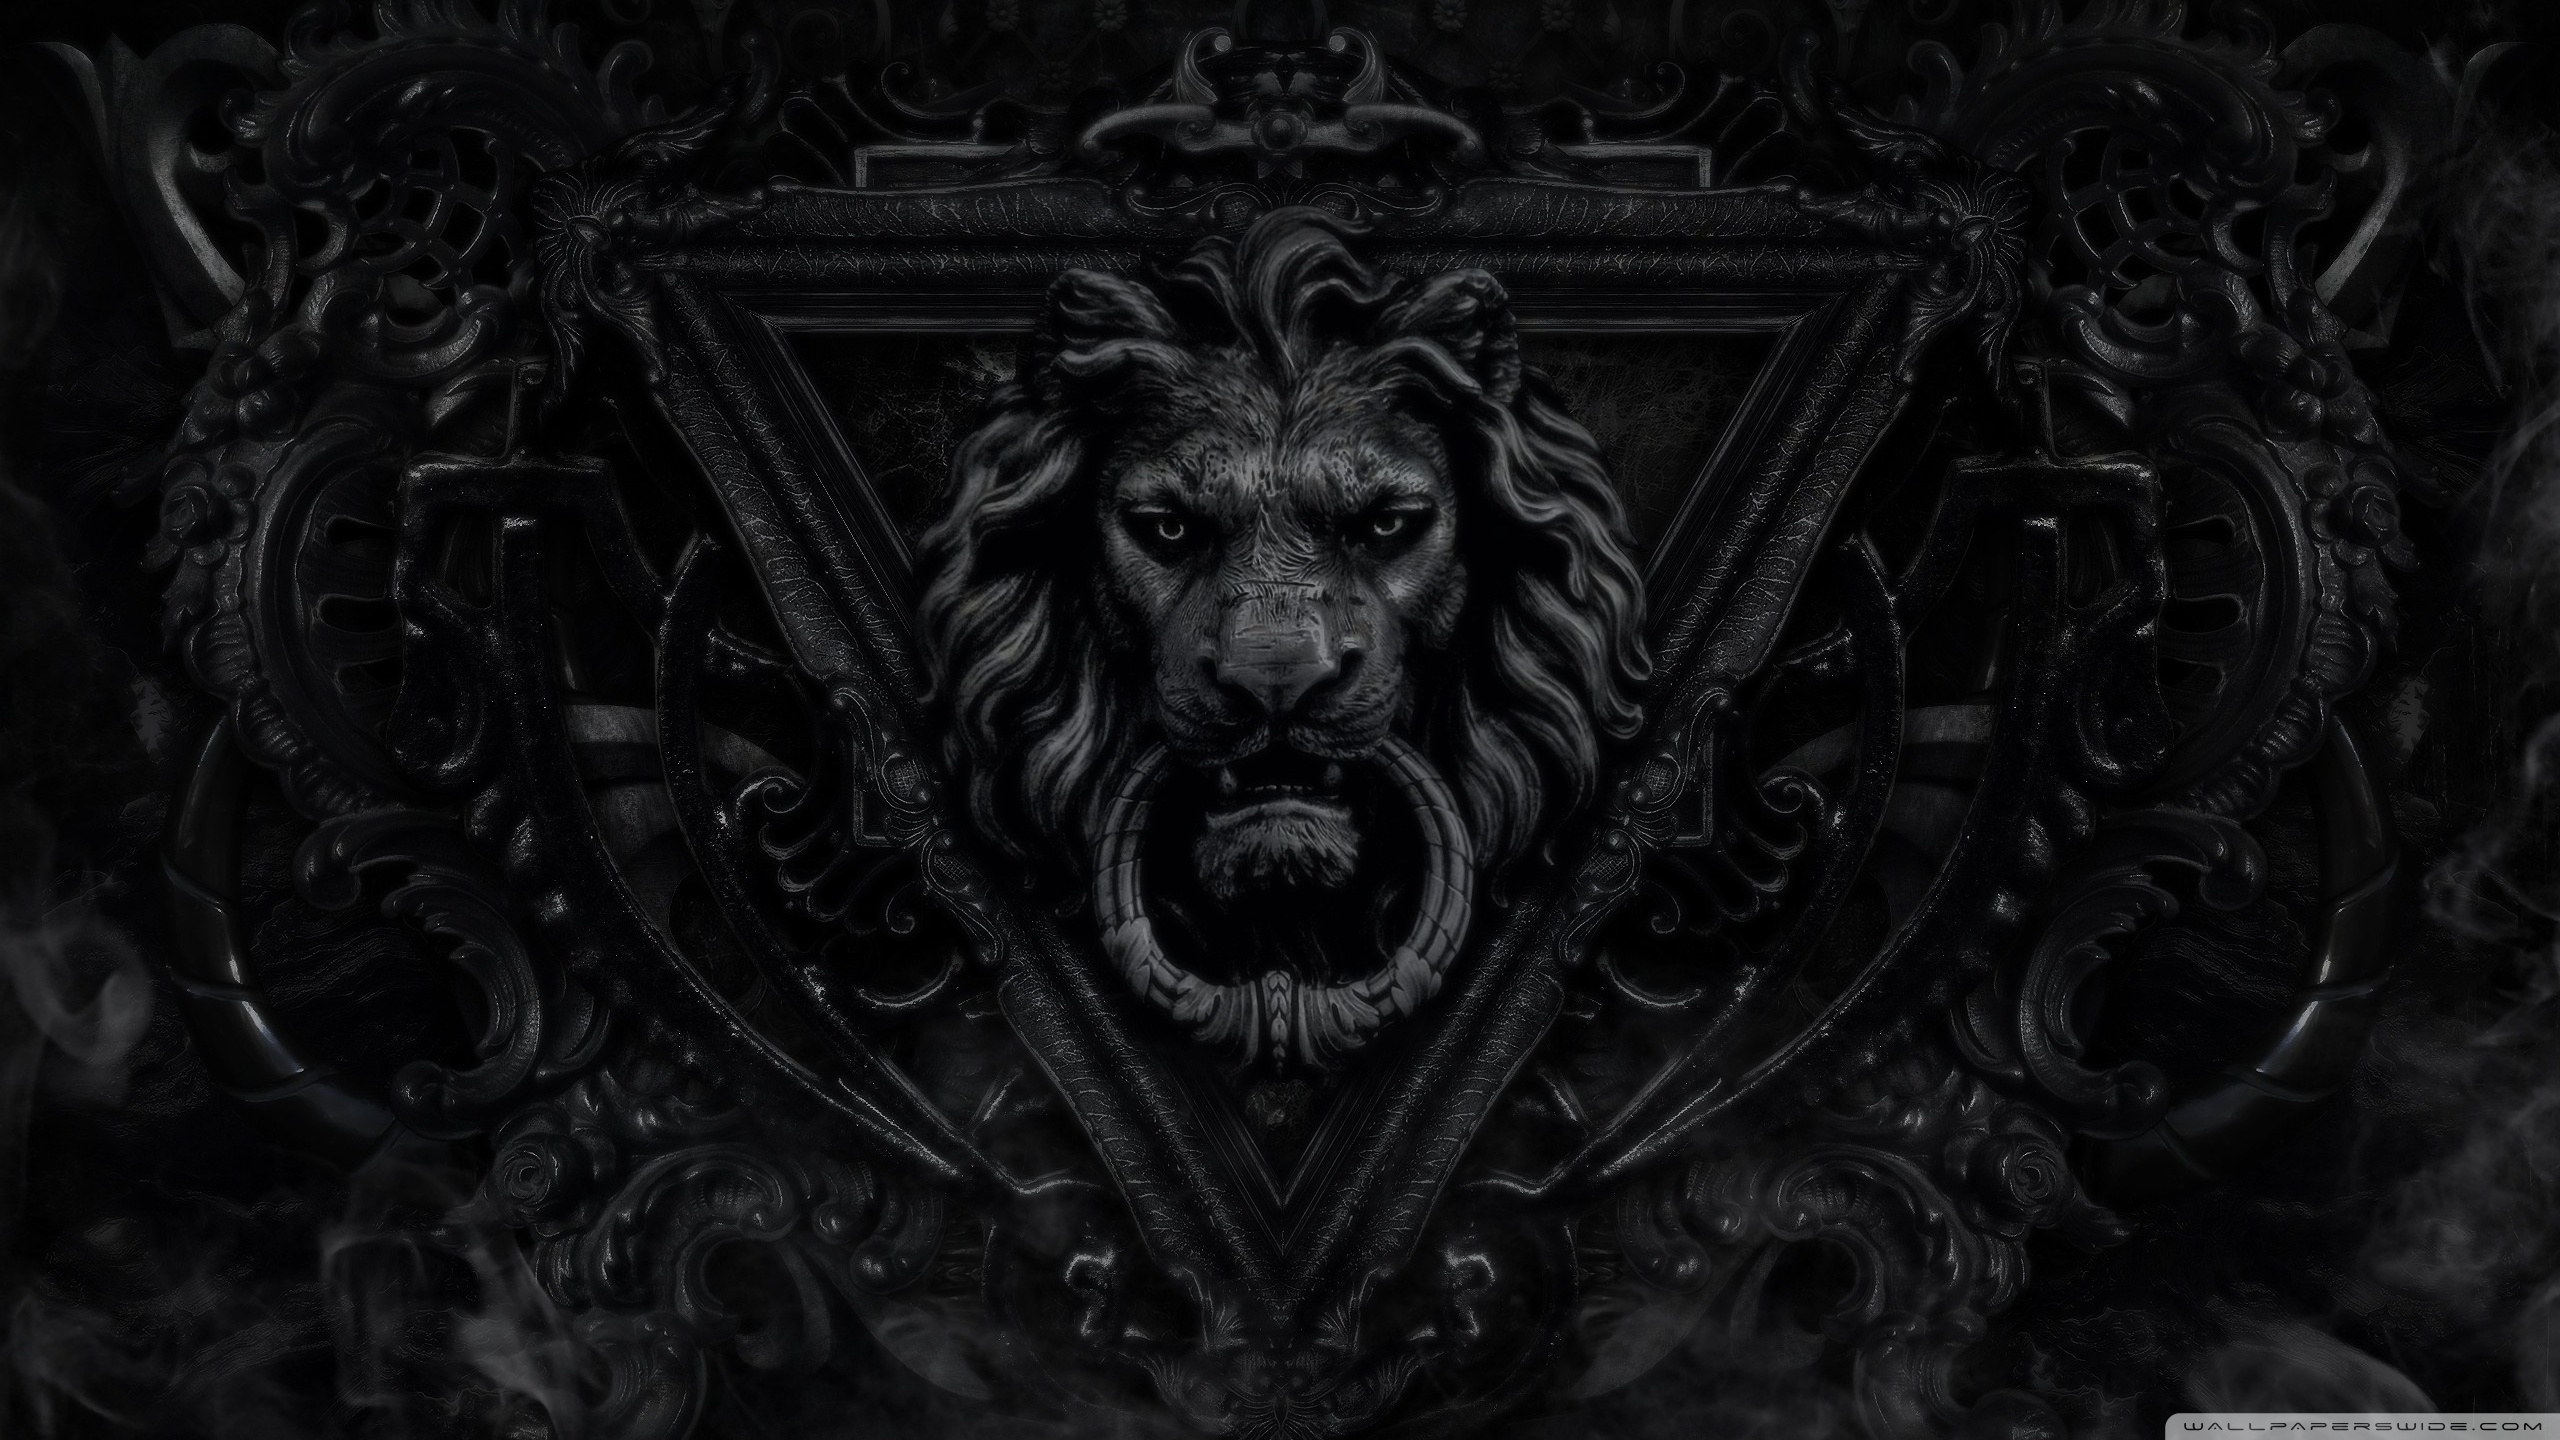 Dark Gothic Lion HD desktop wallpaper : High Definition